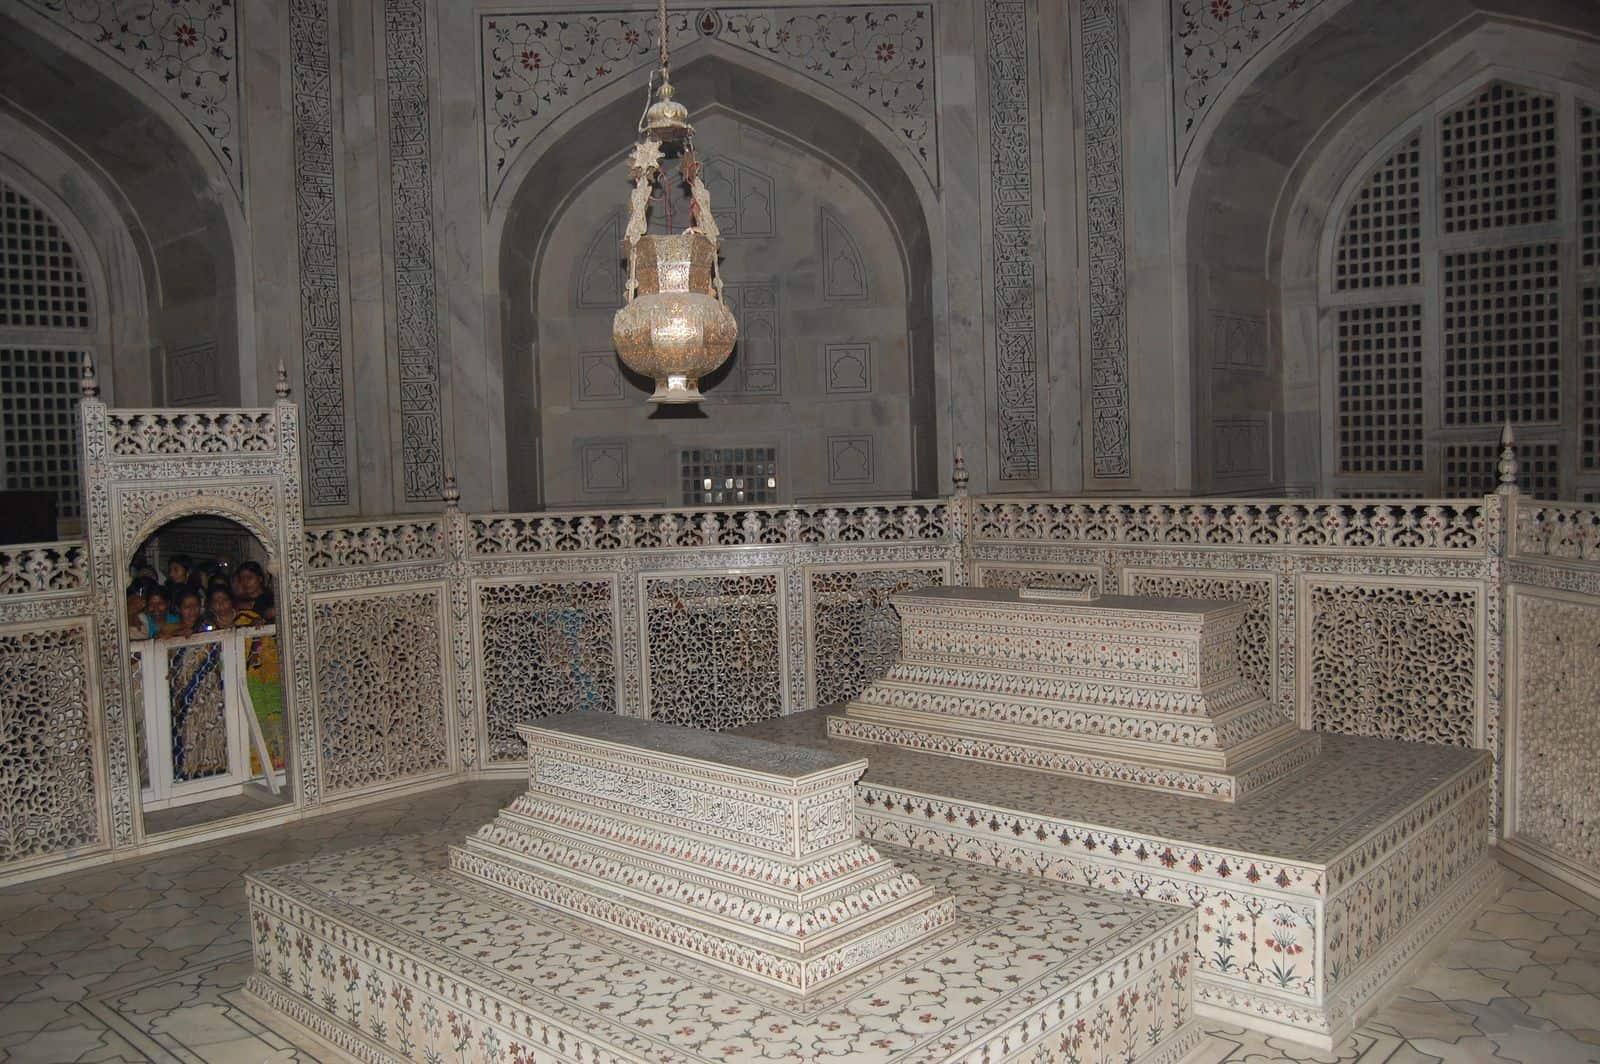 taj mahalt - the tomb